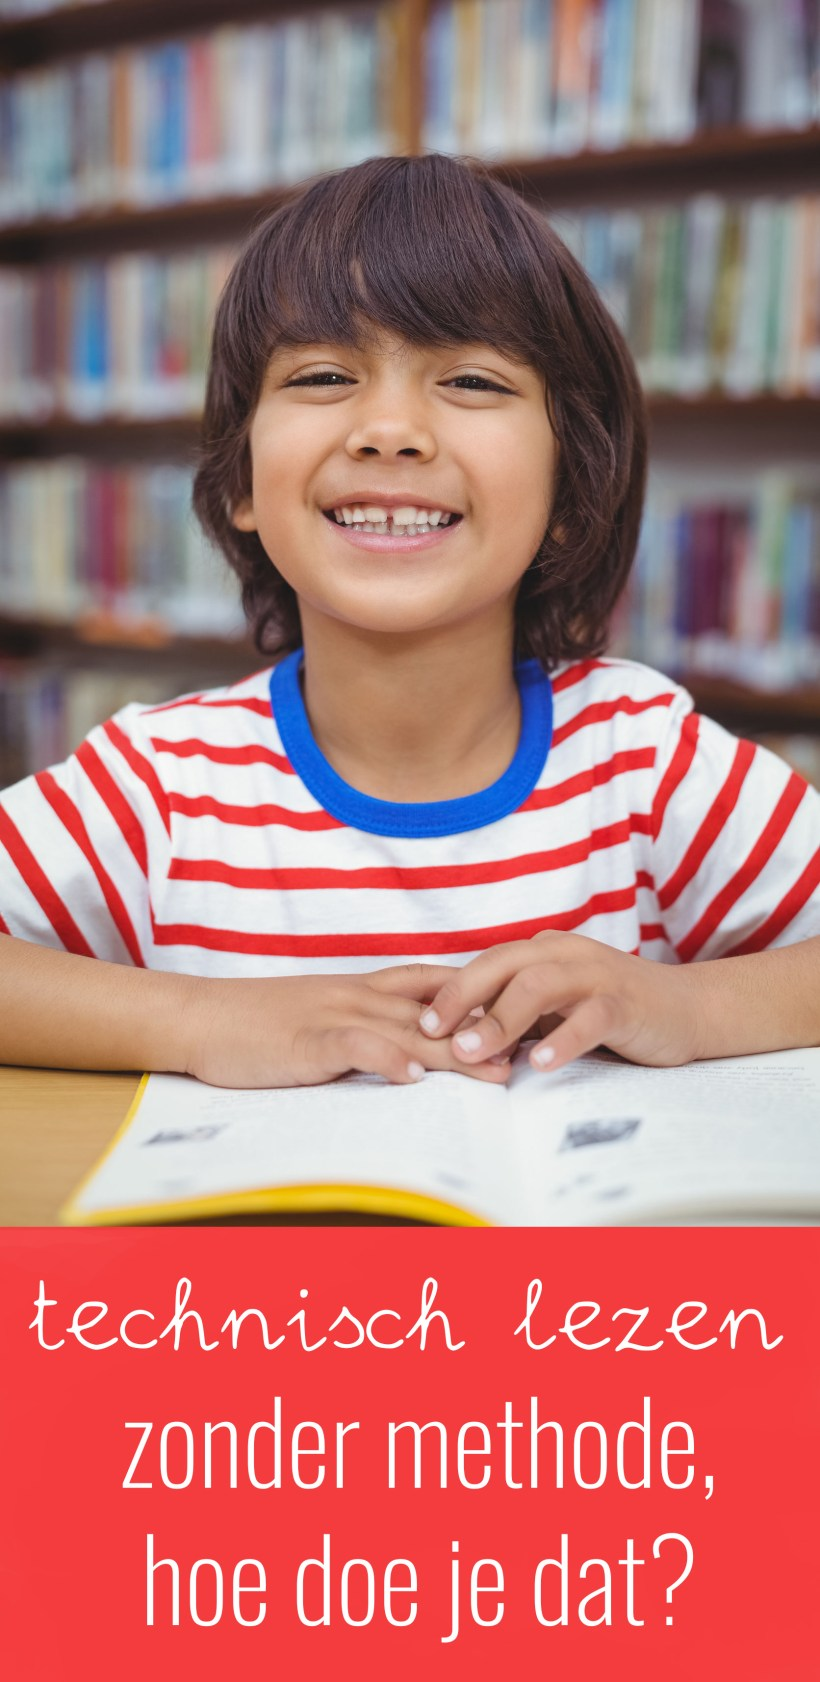 Fonkelnieuw Technisch lezen zonder methode, hoe doe je dat? | Klas van juf Linda LV-63